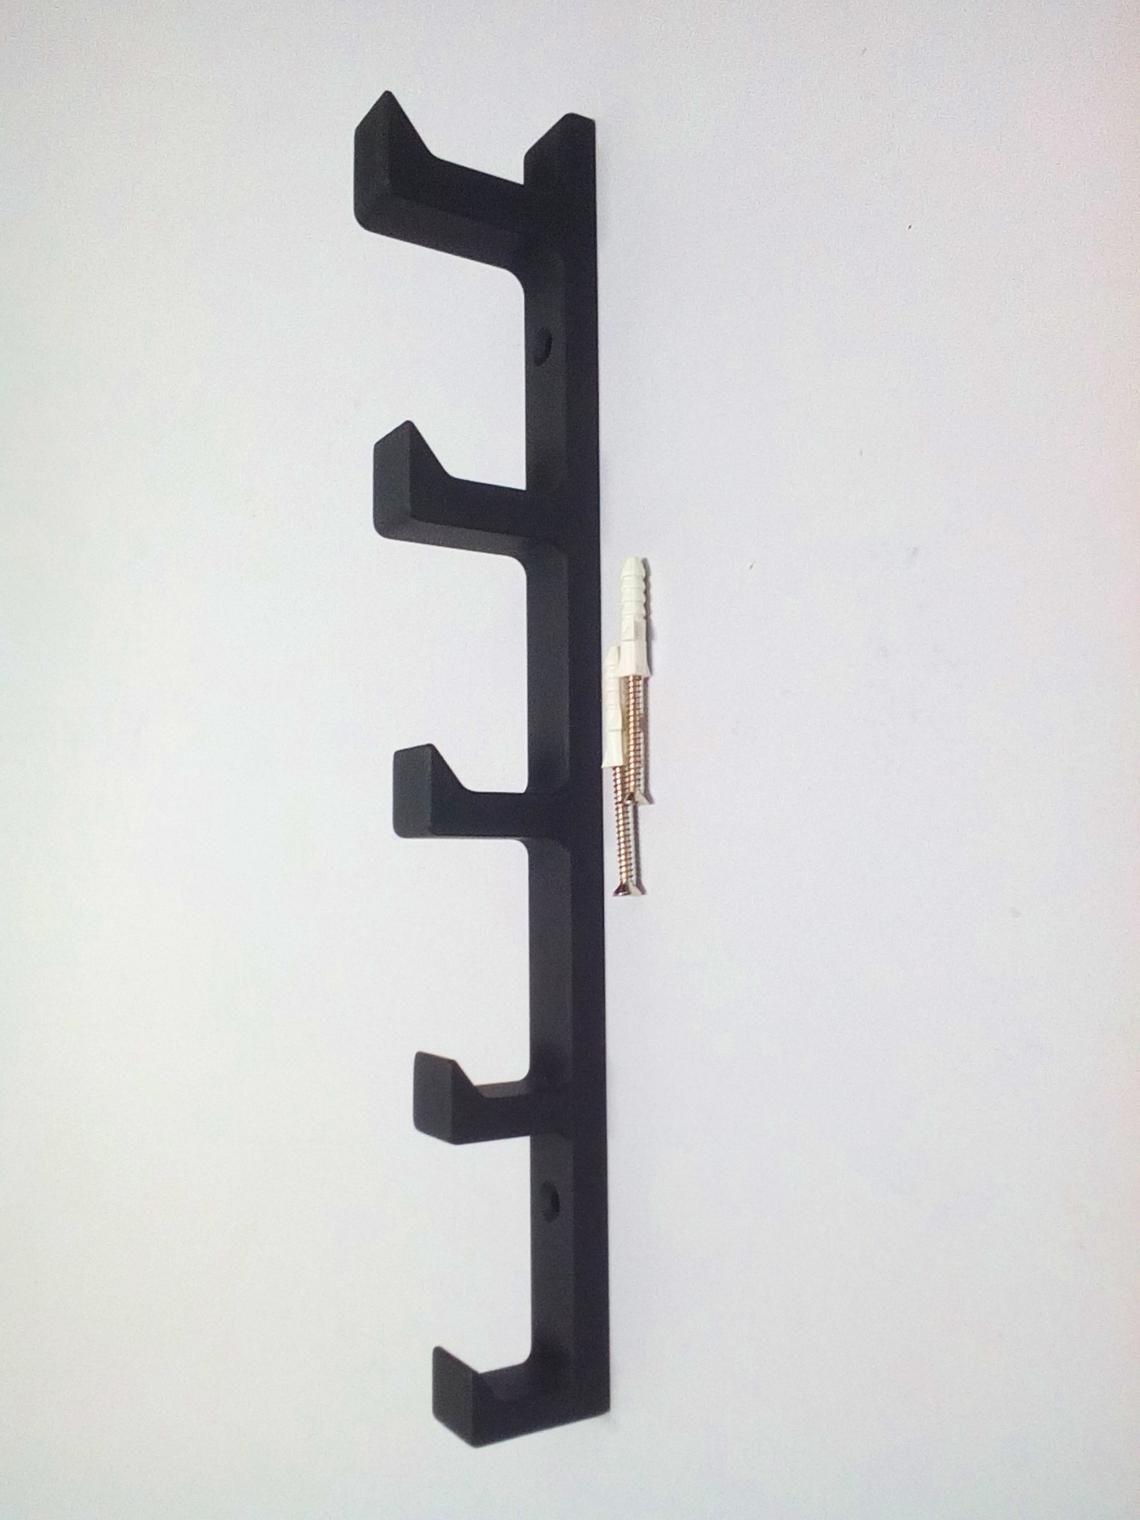 5 In 1 Vertical Wall Hook Heavy Duty Coat Hook Modern Etsy